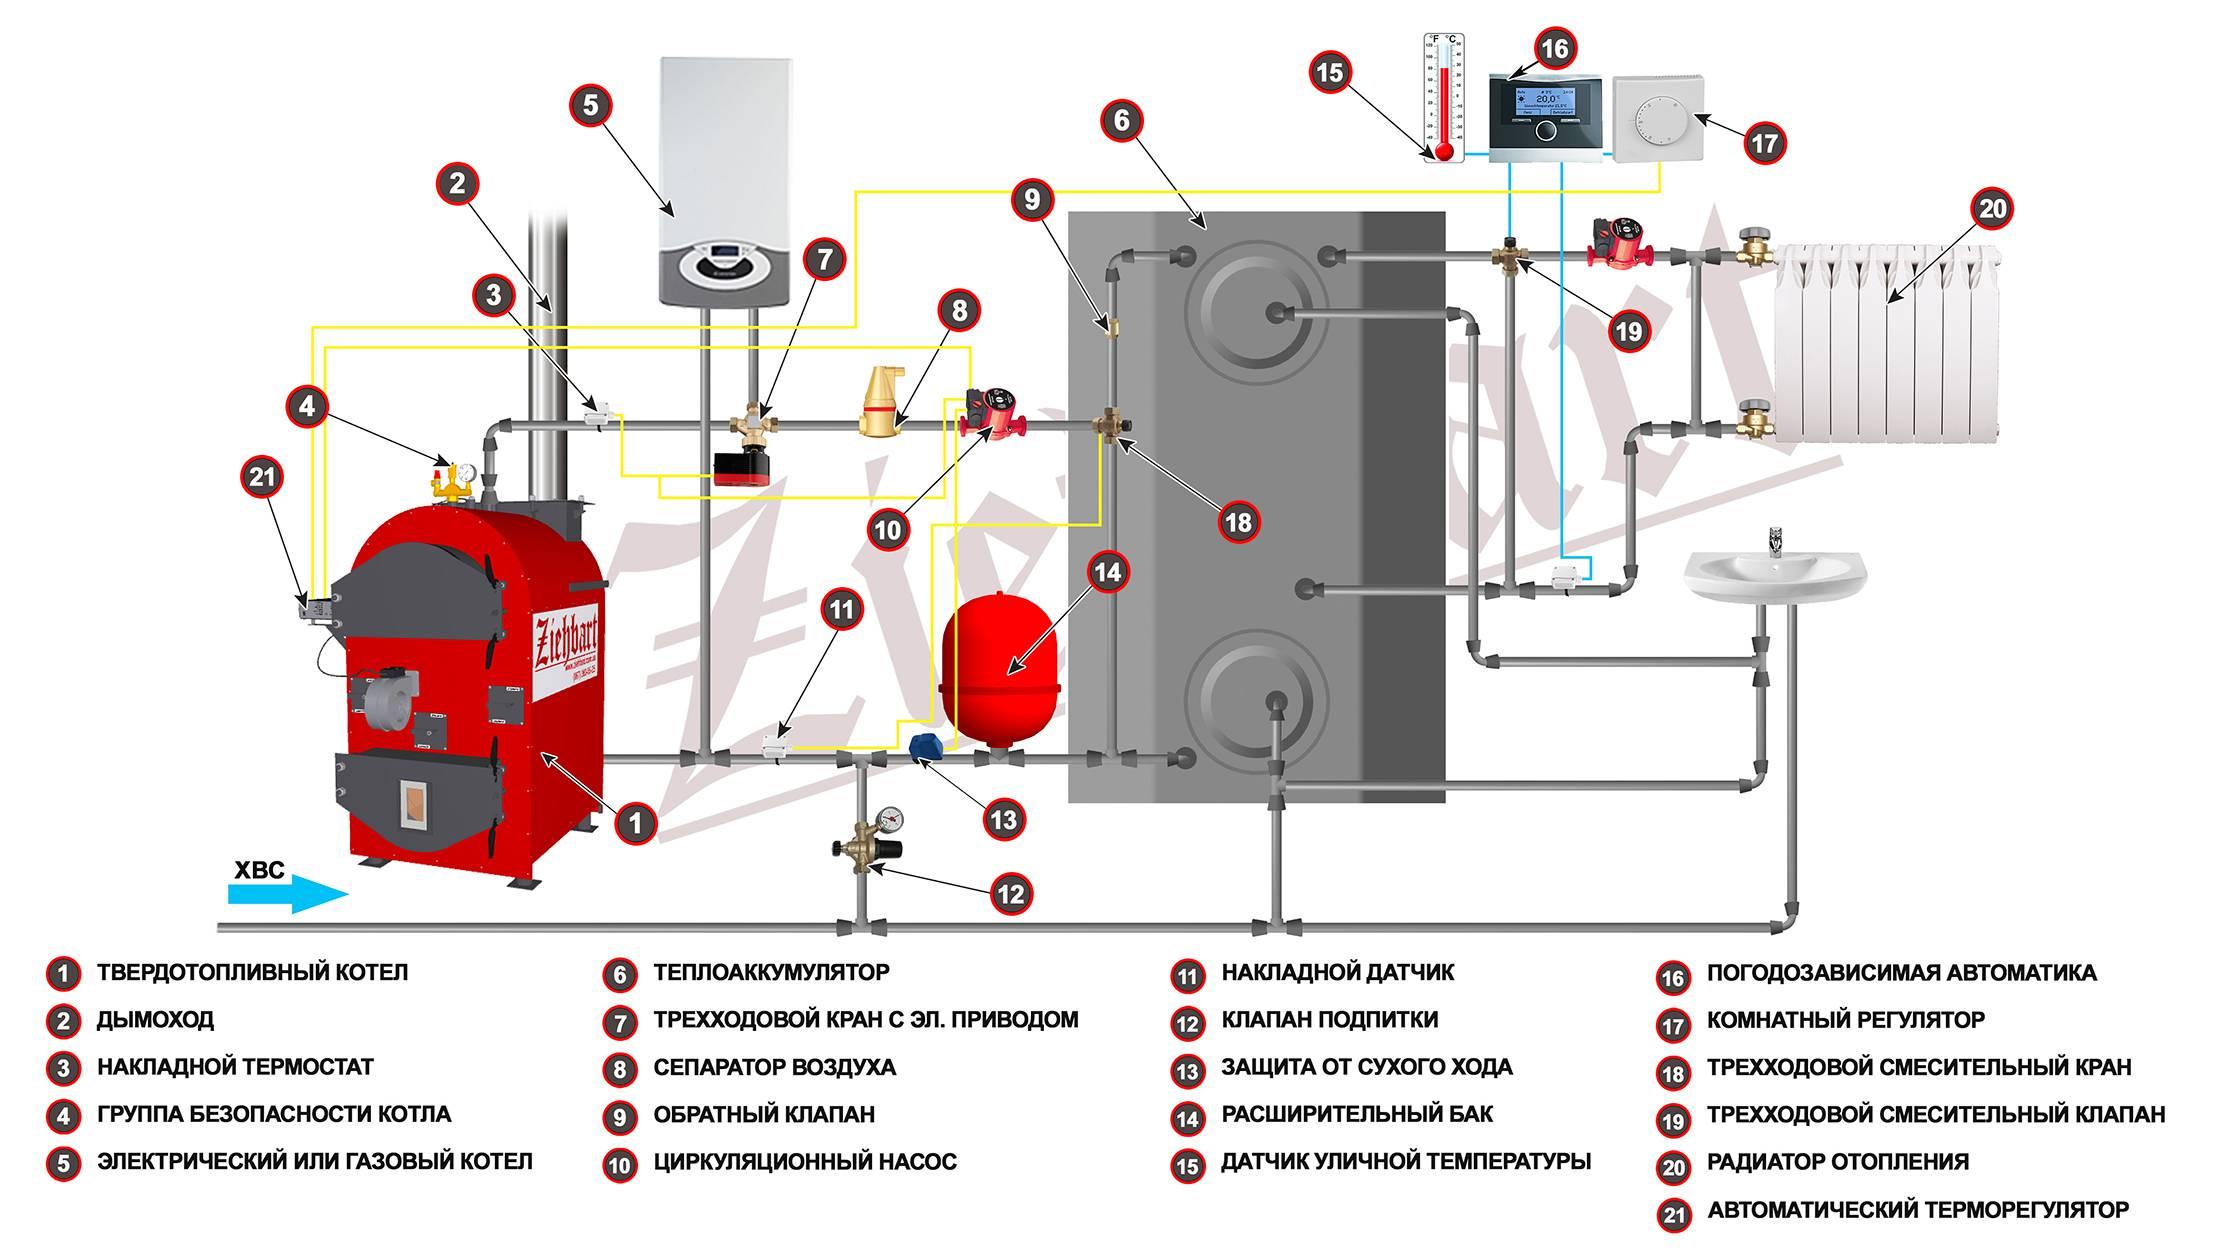 Смысл погодозависимой автоматики для систем отопления